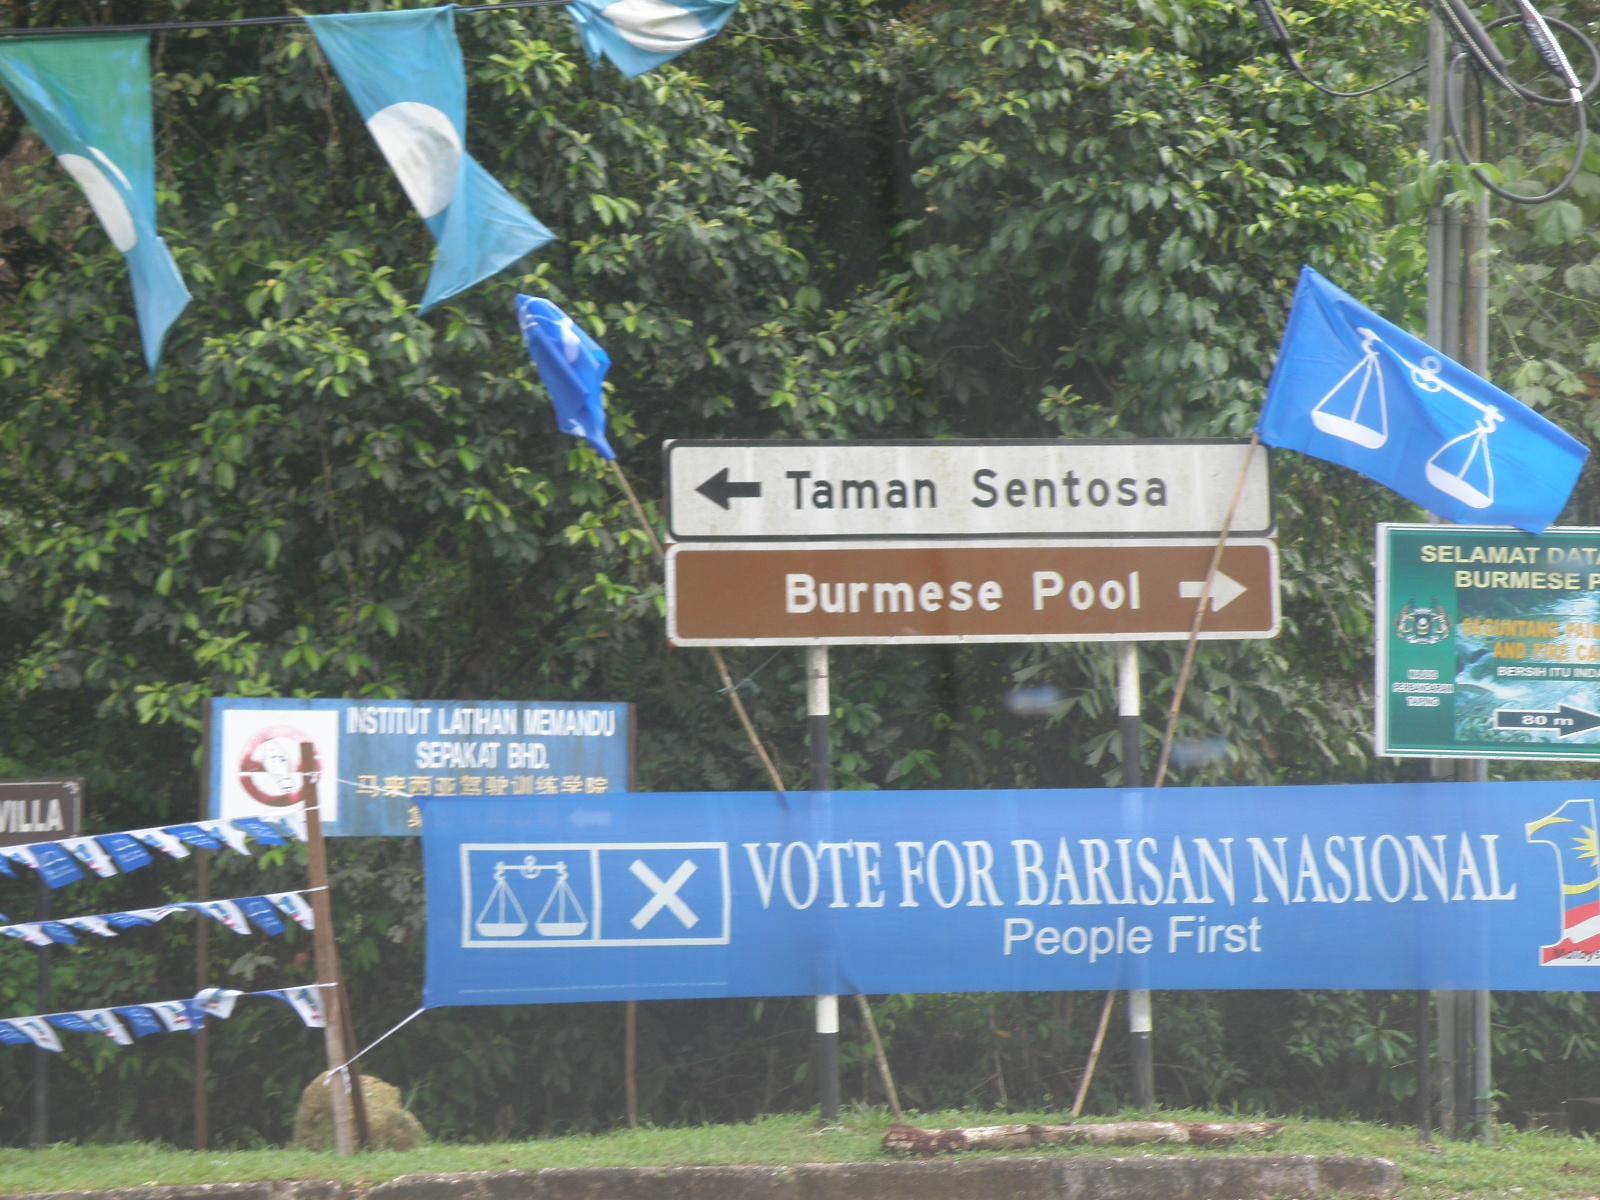 Diary Ku Kehidupanku Isi Hatiku Balik Kampung Part 7 Last Day In Bdr Taiping